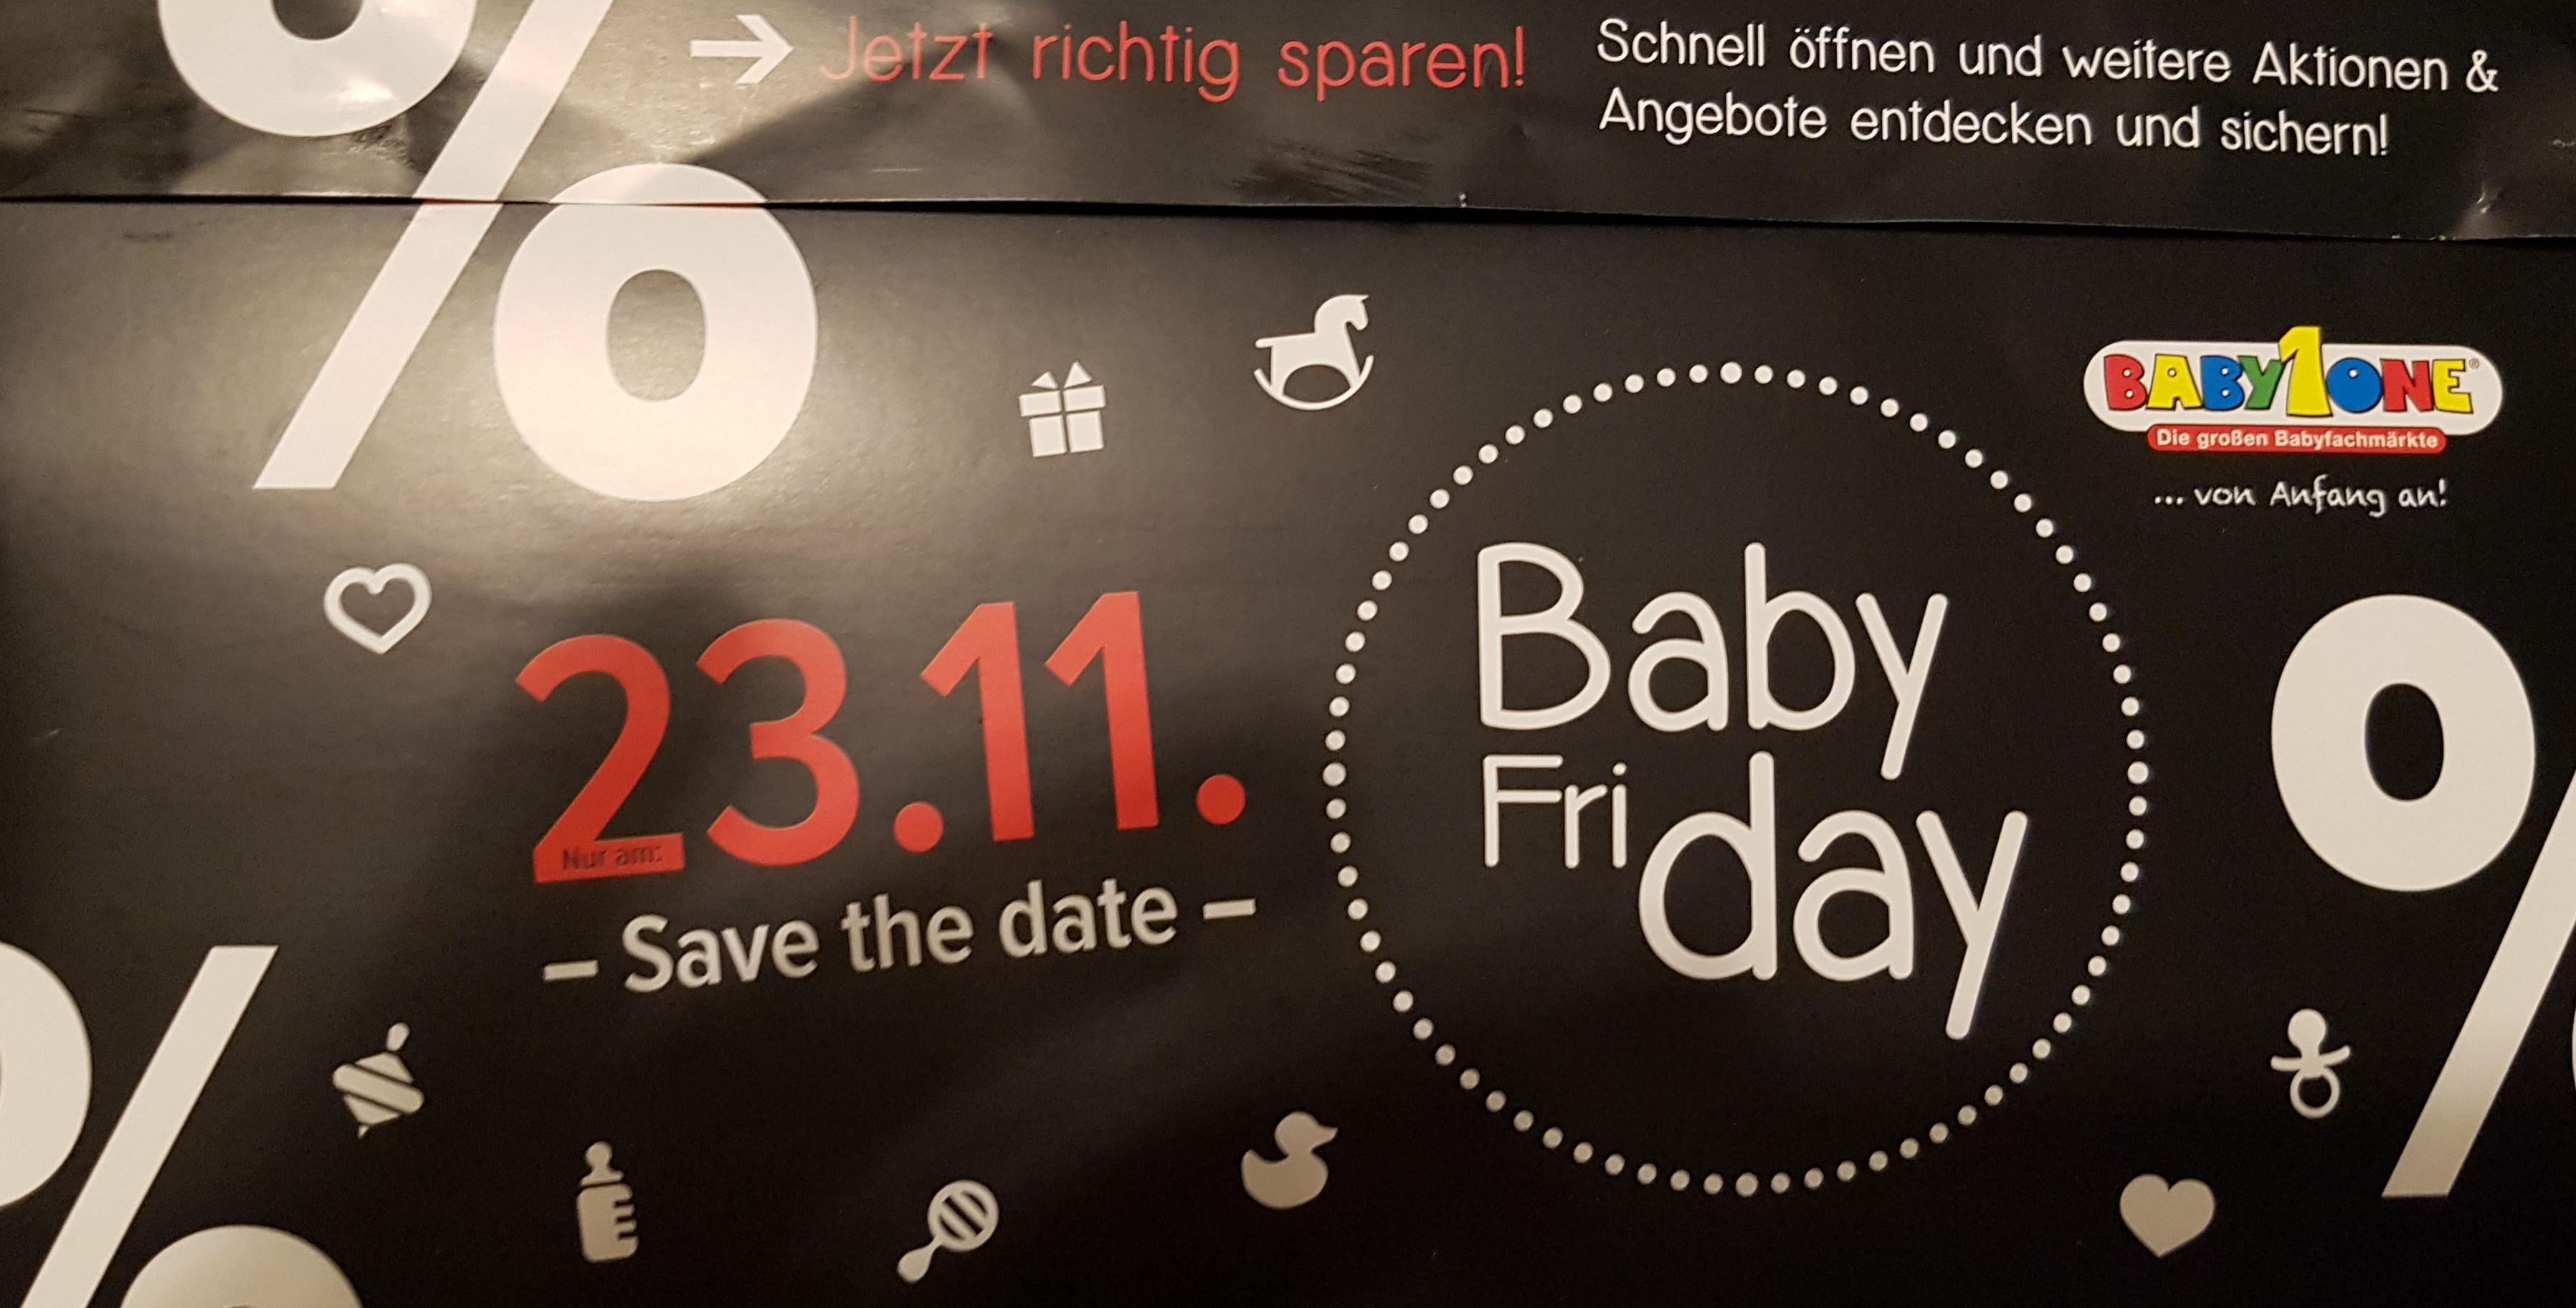 Baby Friday bei Babyone 10% auf Cybex Artikel (außer Platinum) & 3 verschieden *Nimm 3 Zahl 2* Aktionen (Dealpreis Avent Aktion)